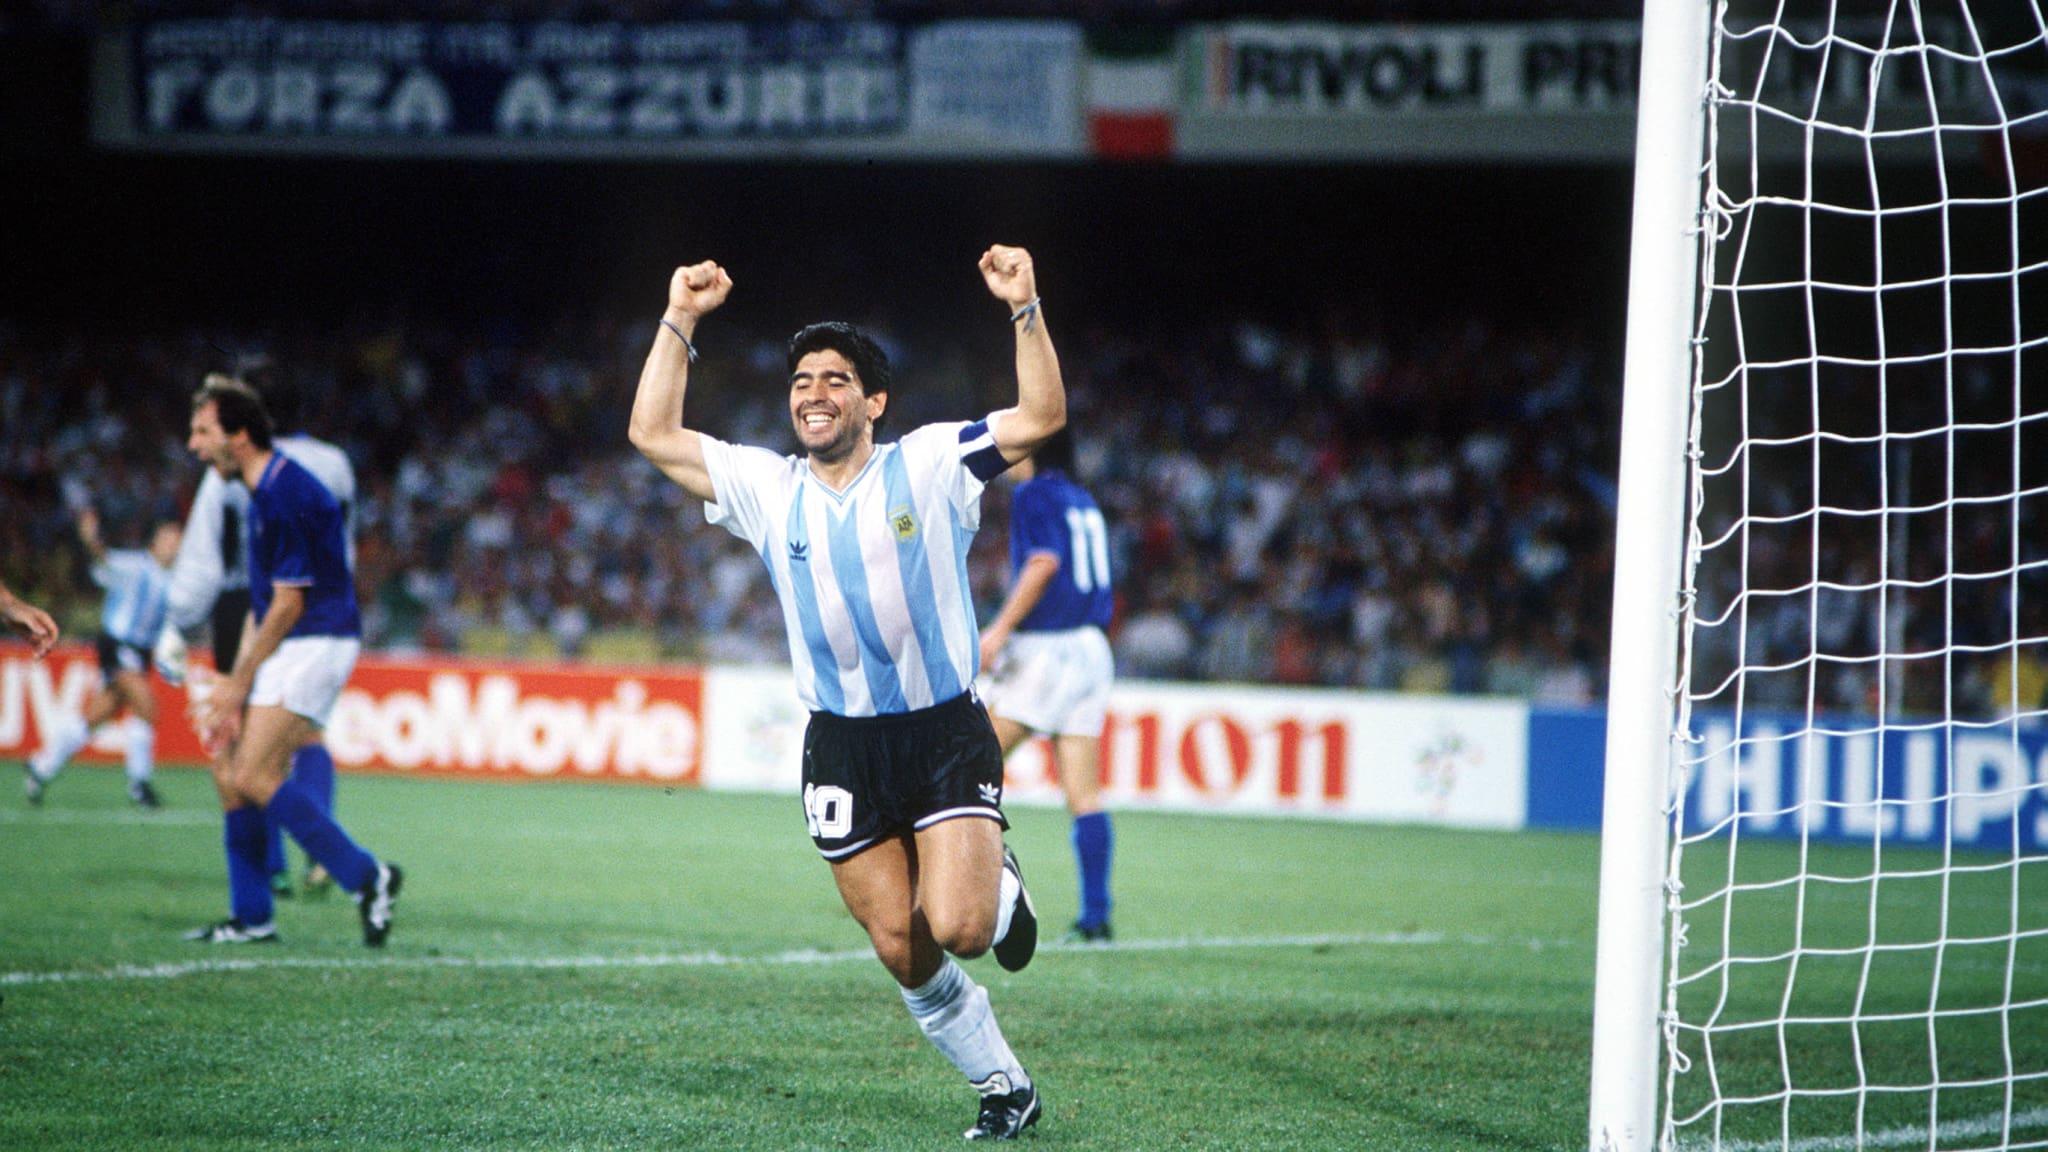 Maillot Maradona Argentina 1990